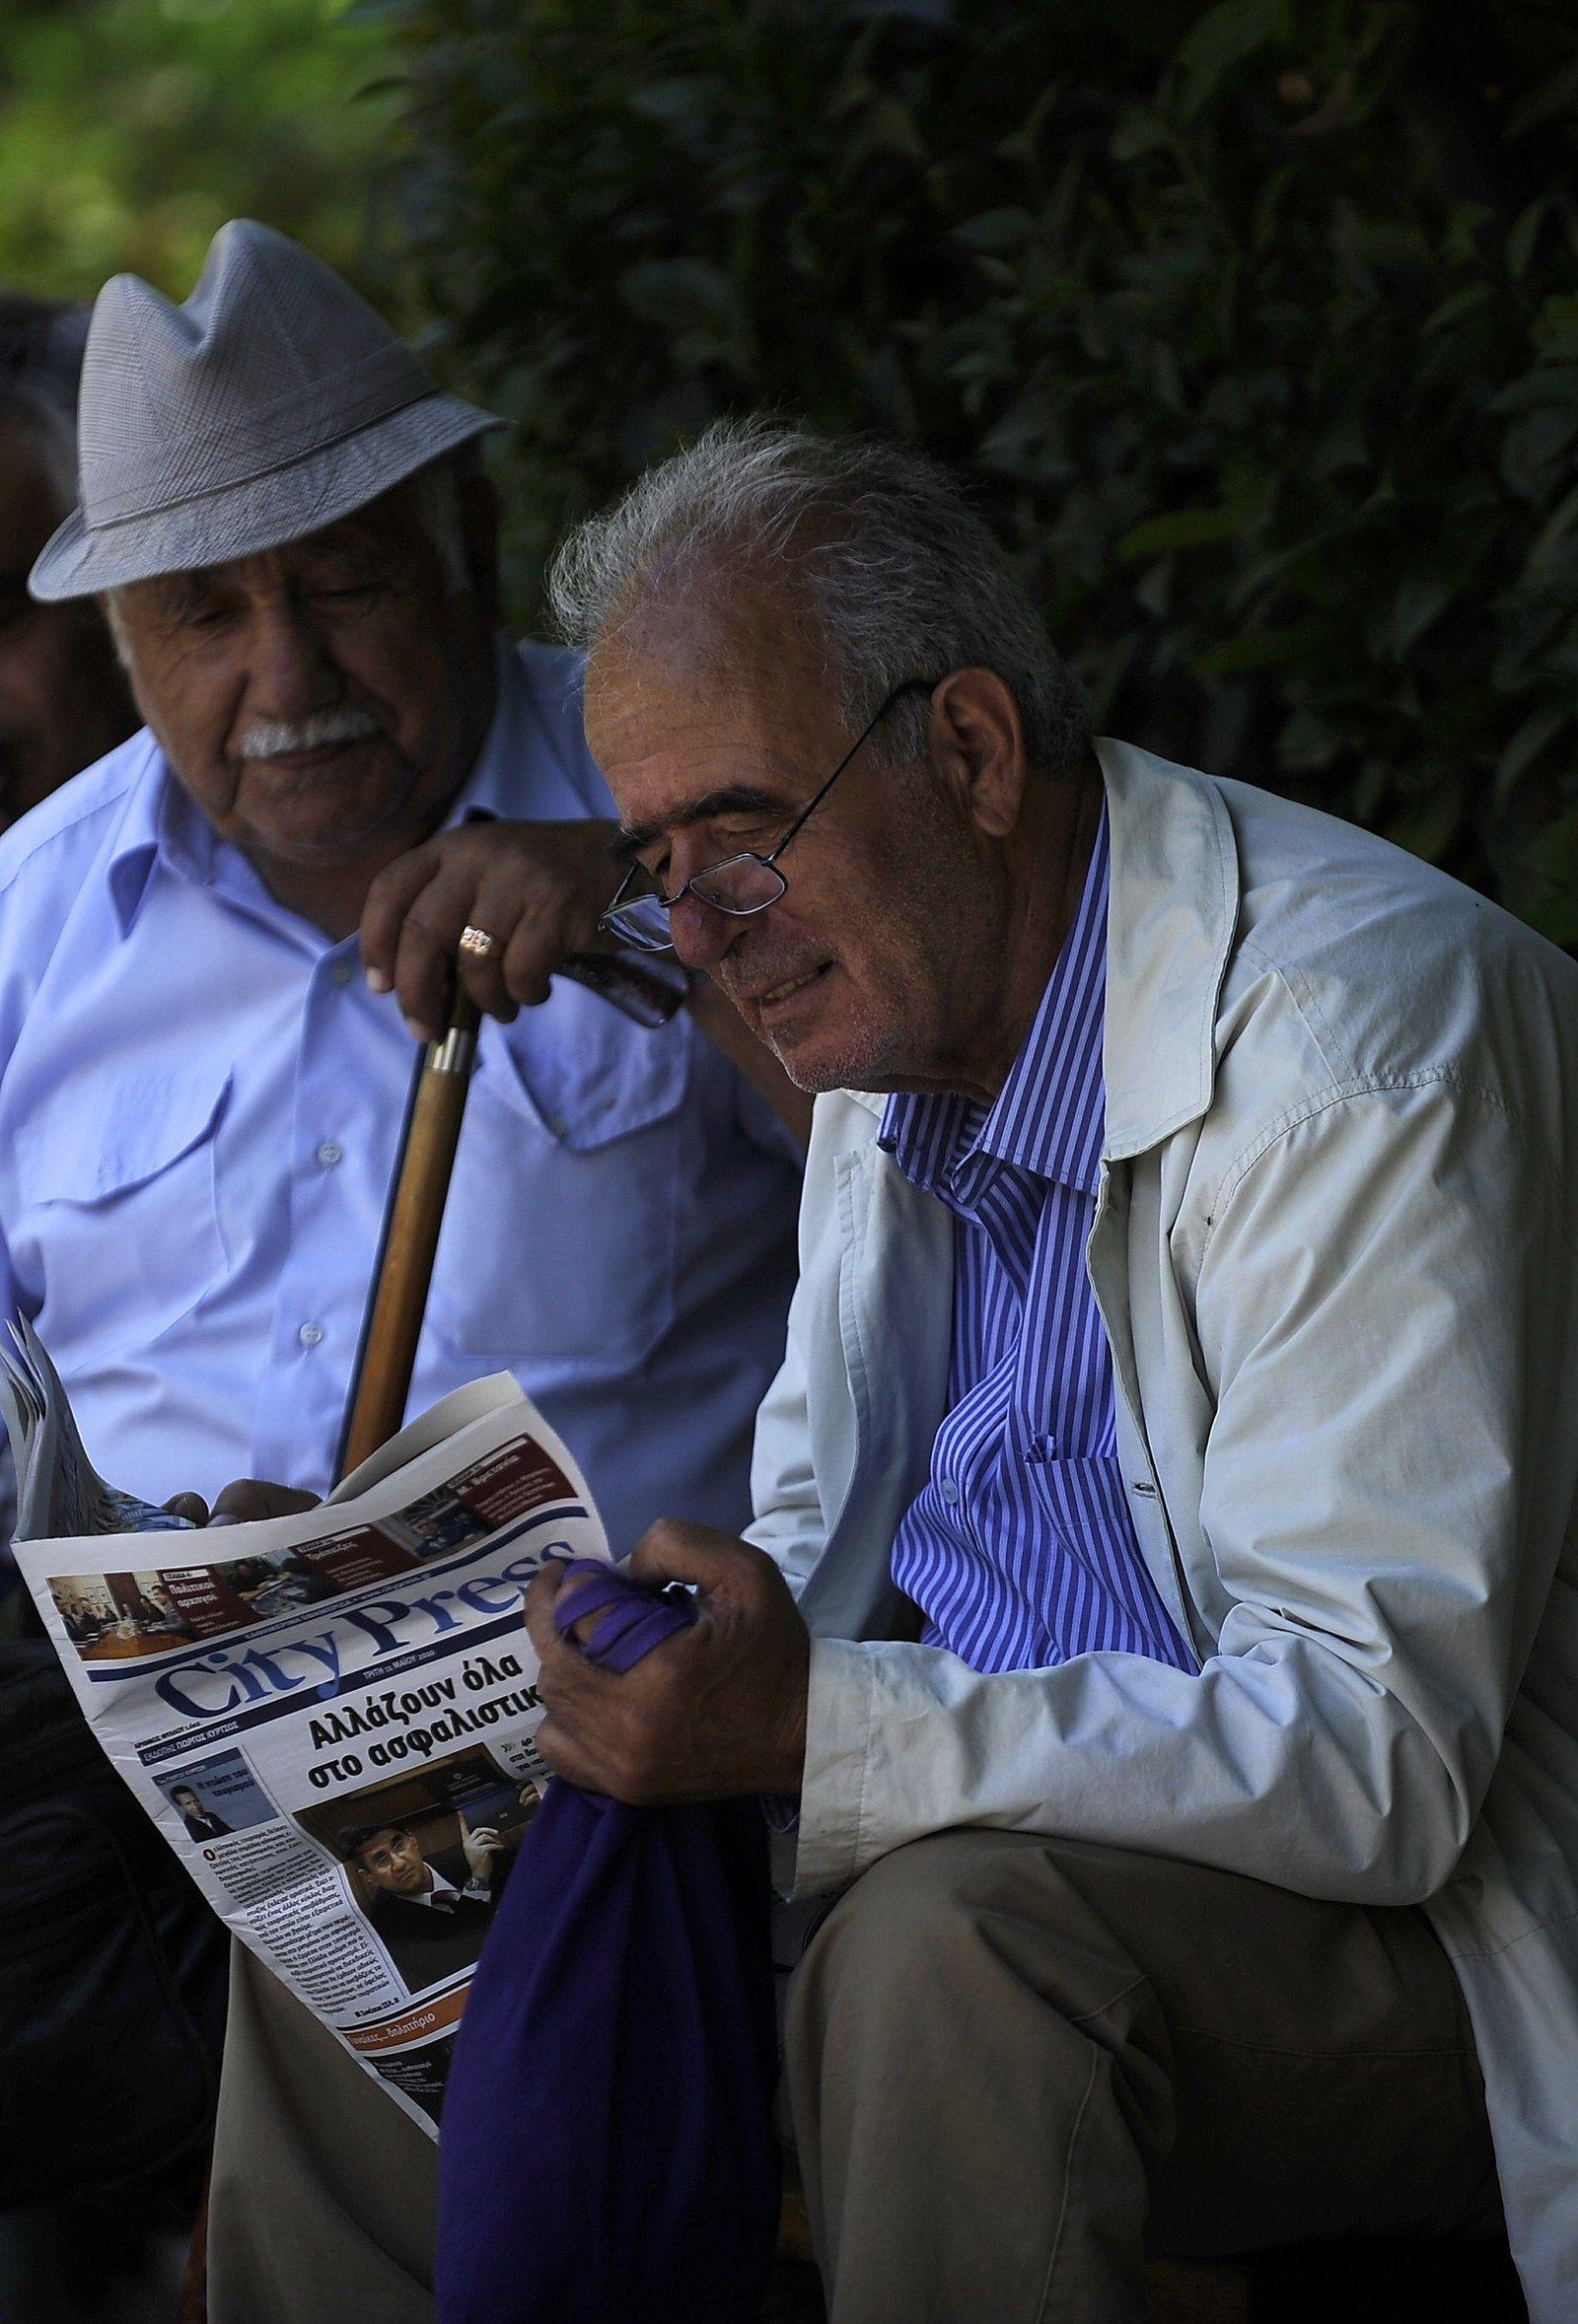 Griechen lesen zeitung